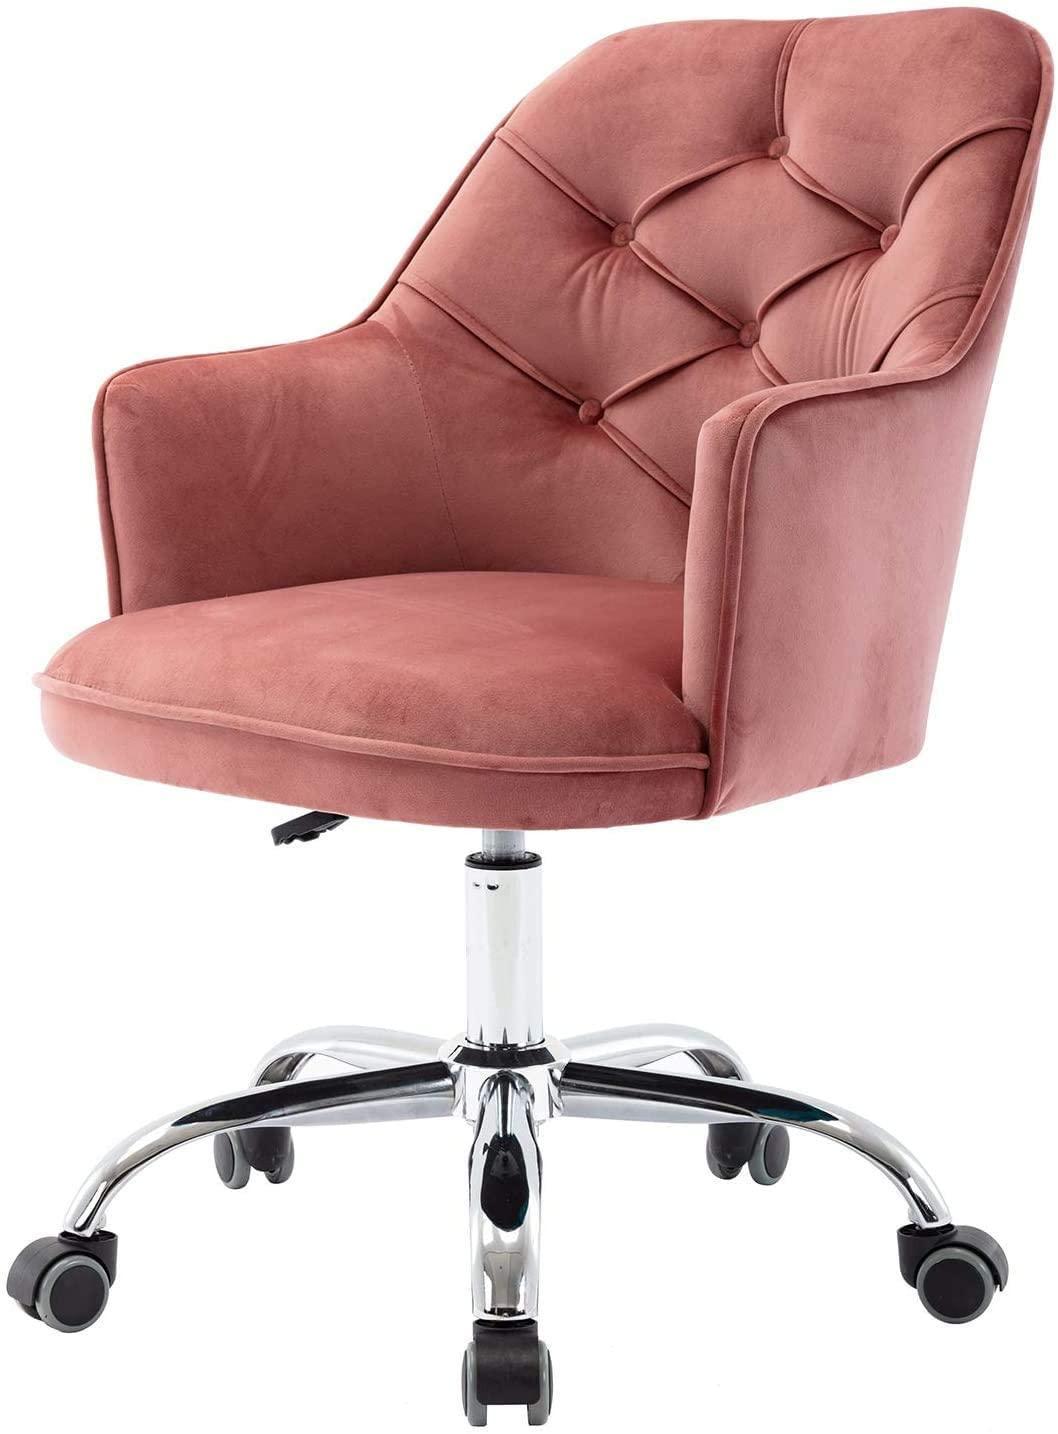 Velvet Accent Chair, Sala giratória Shell cadeiras de veludo mesa de escritório Chair adornado Vanity cadeira moderna com Rodas para o Office Bedroom